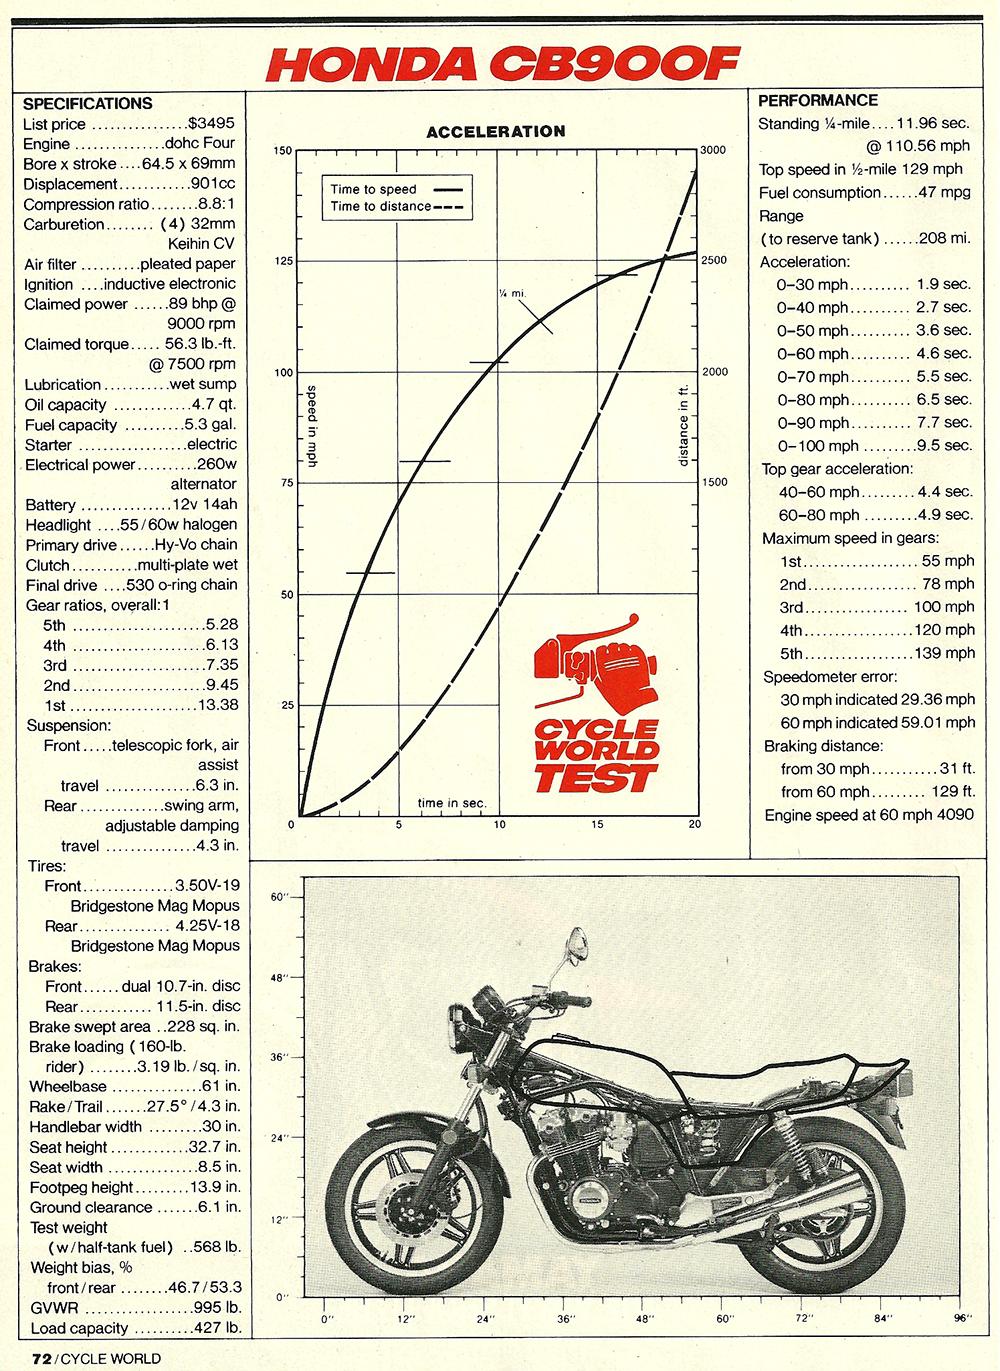 1981 CB900F Super Sport road test 7.jpg